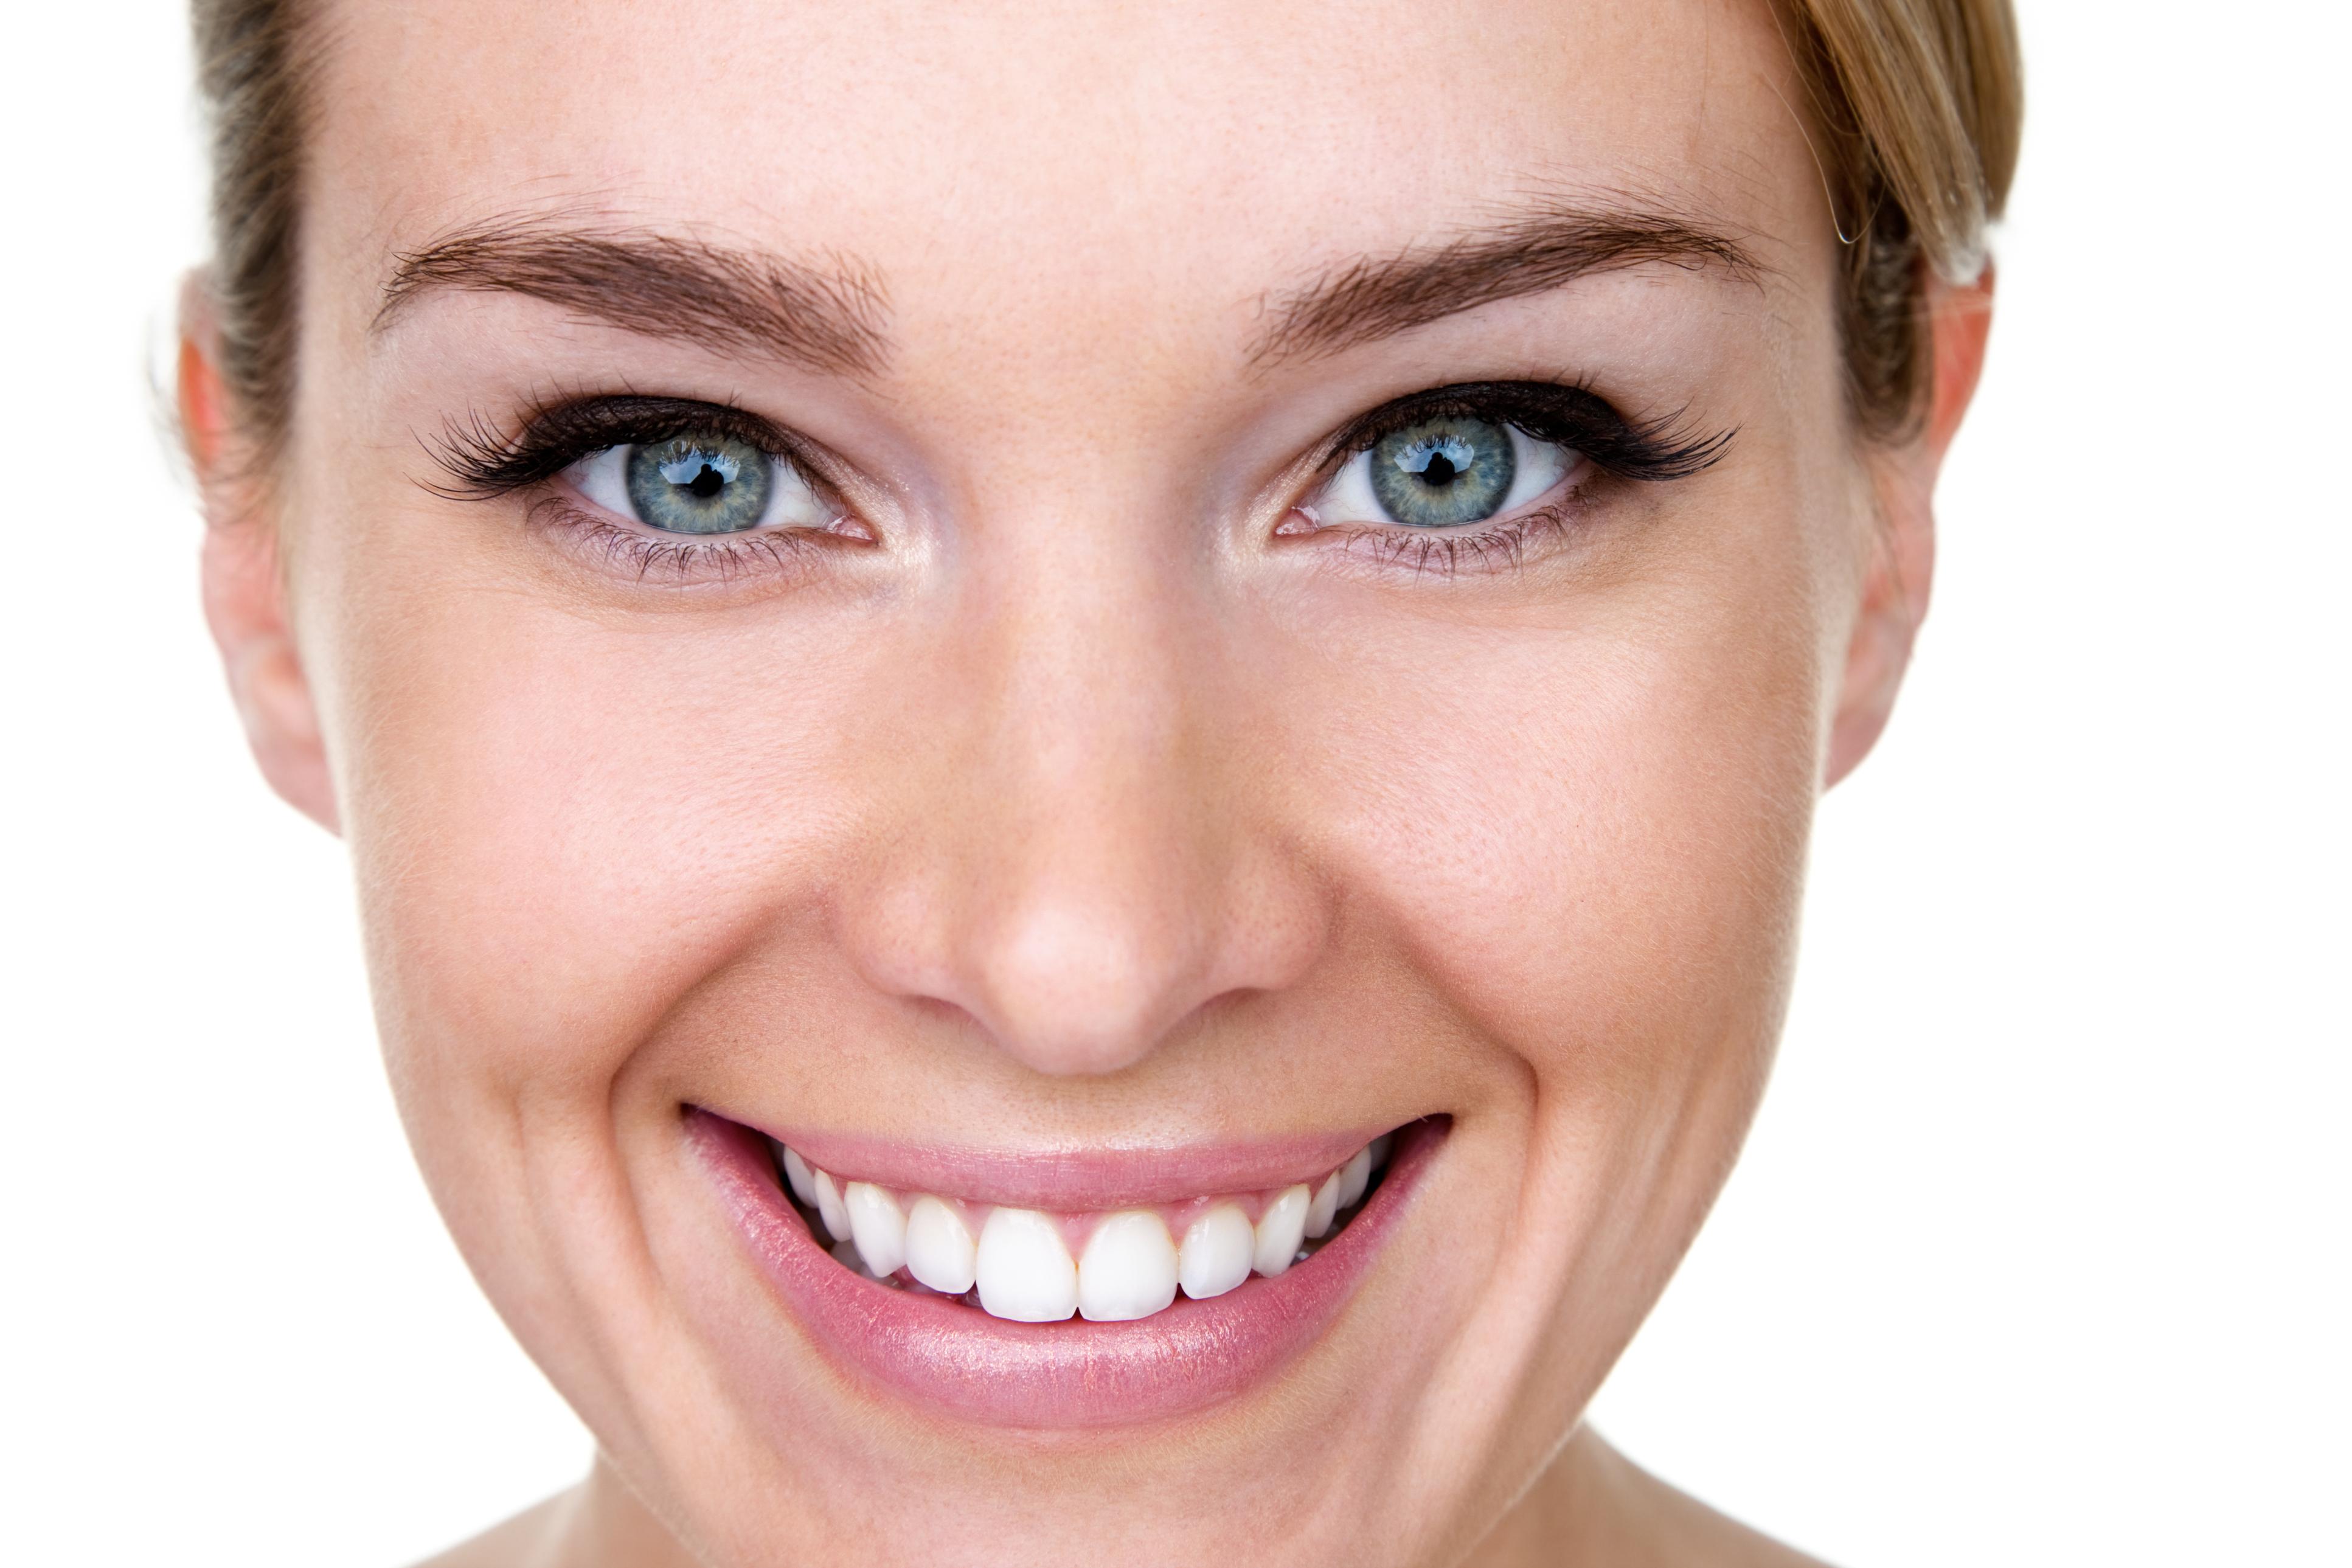 Картинки с изображением улыбки на лице